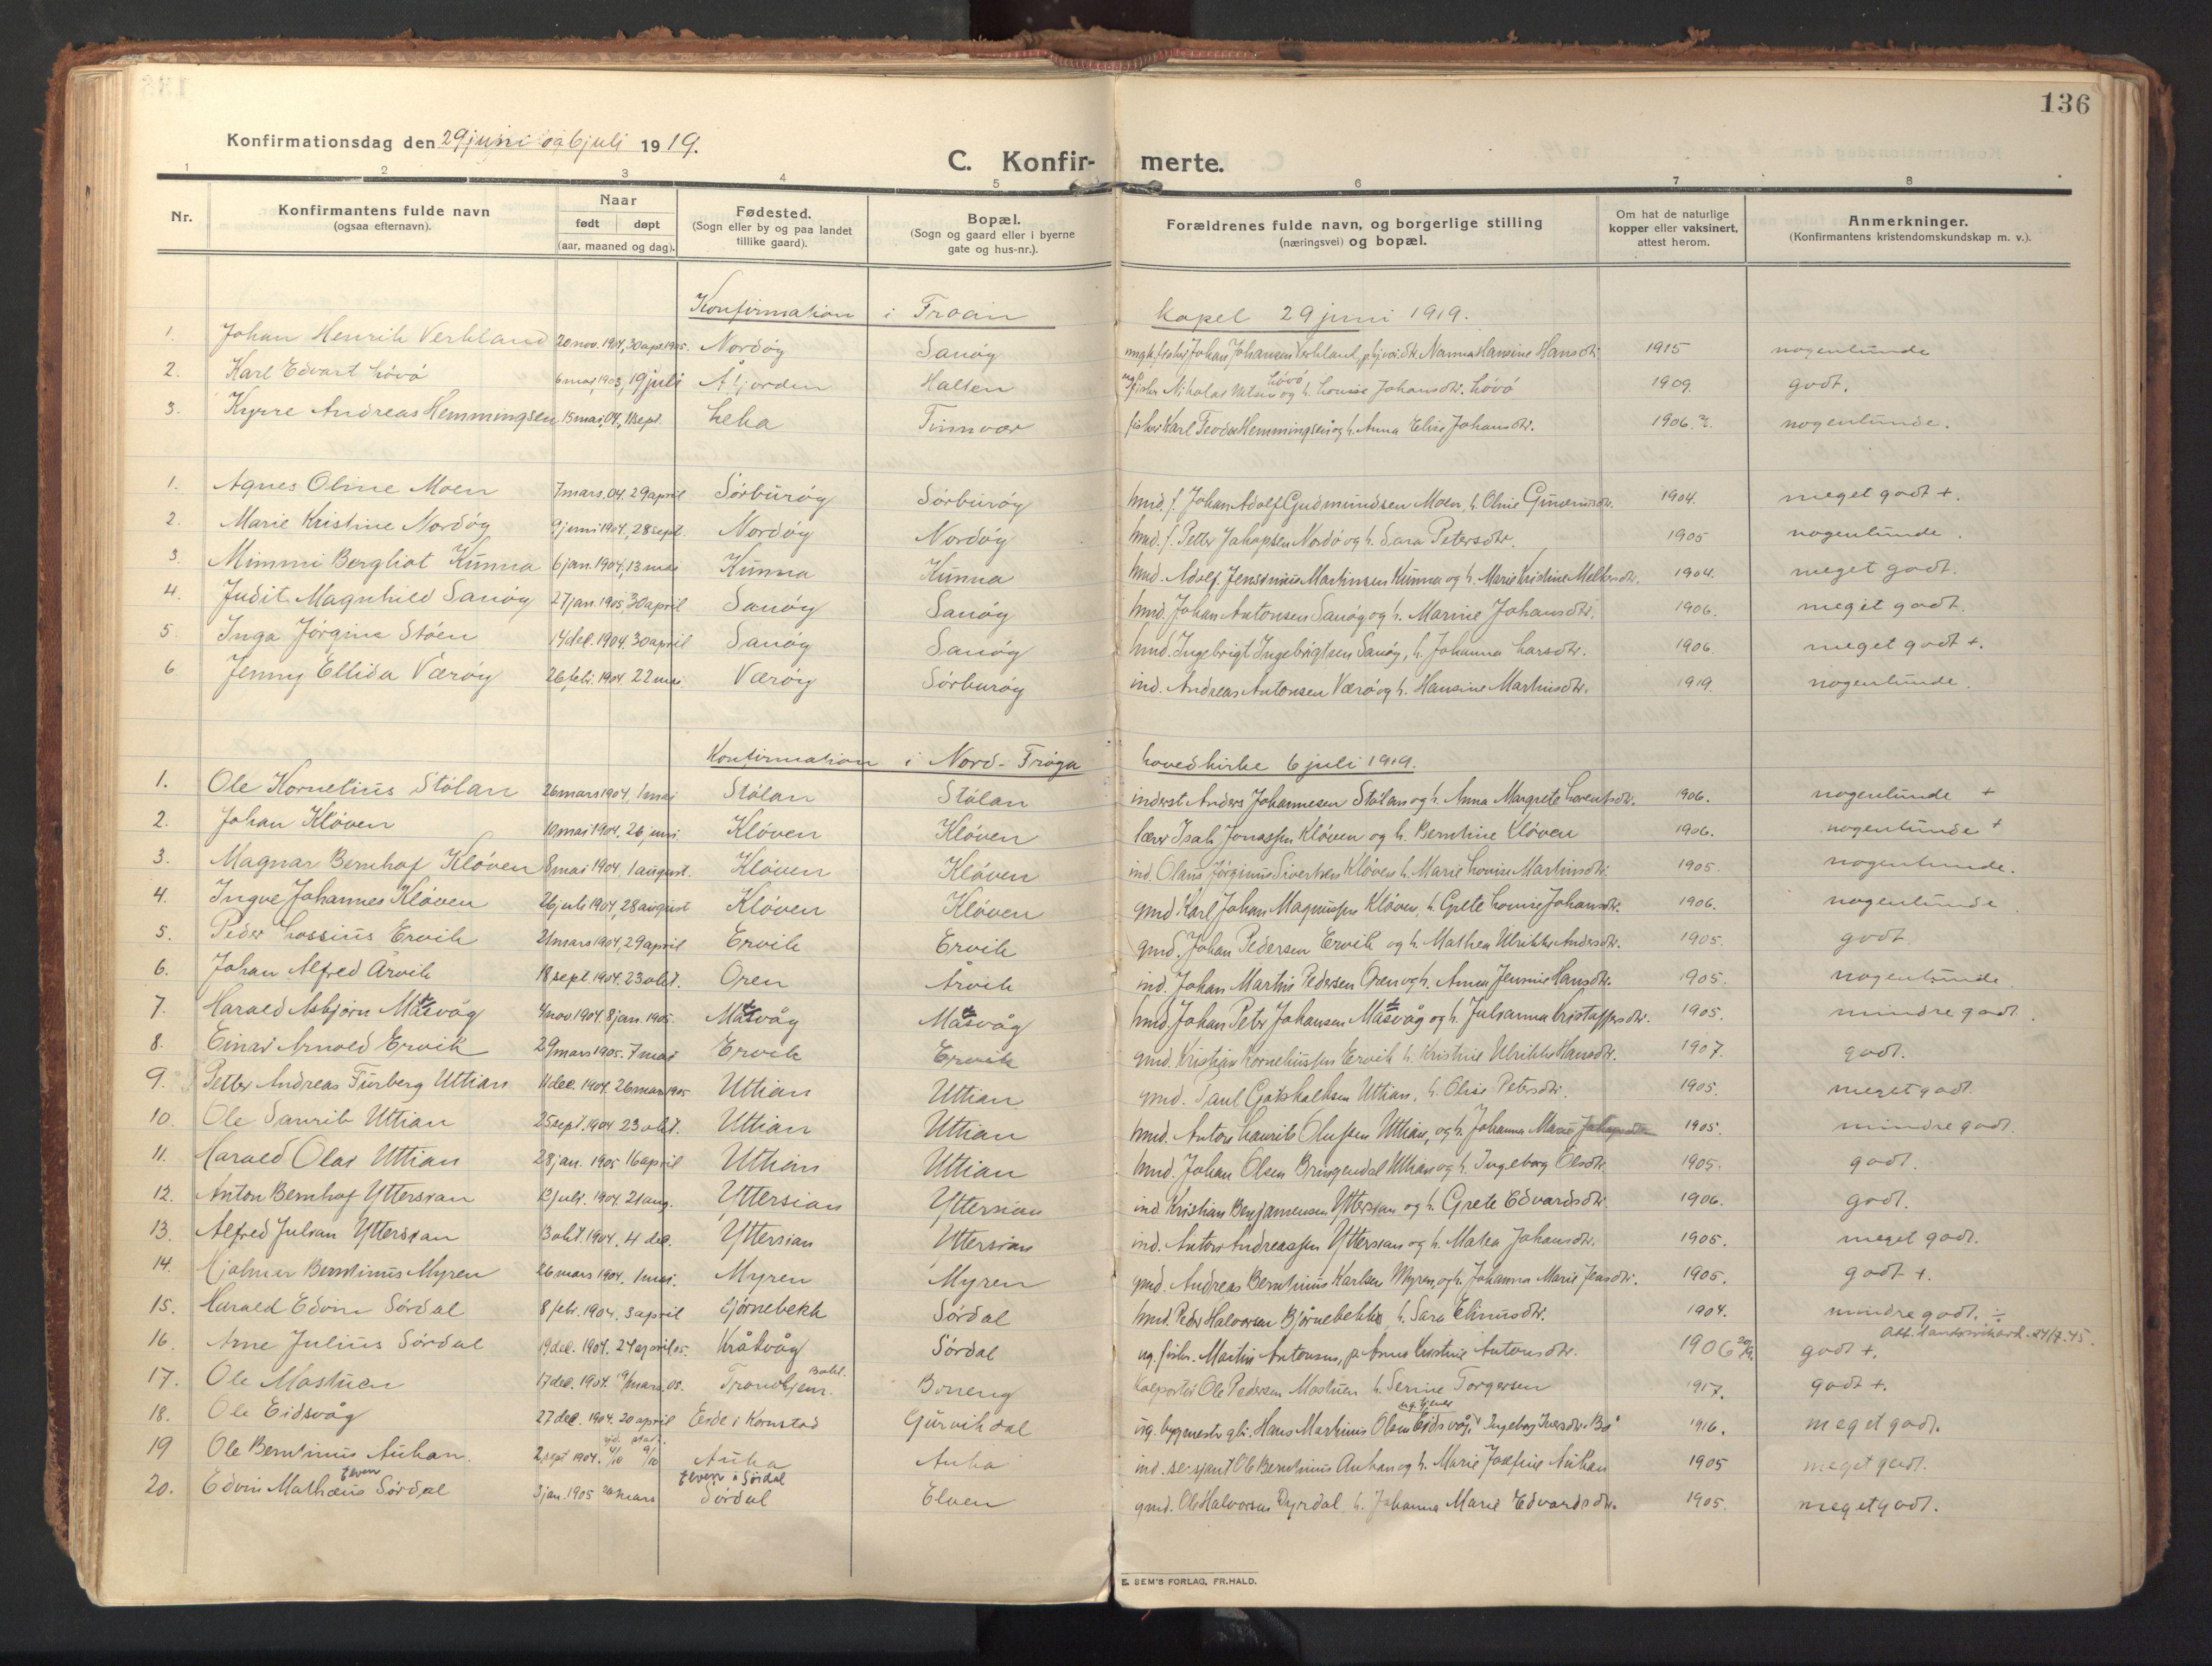 SAT, Ministerialprotokoller, klokkerbøker og fødselsregistre - Sør-Trøndelag, 640/L0581: Ministerialbok nr. 640A06, 1910-1924, s. 136